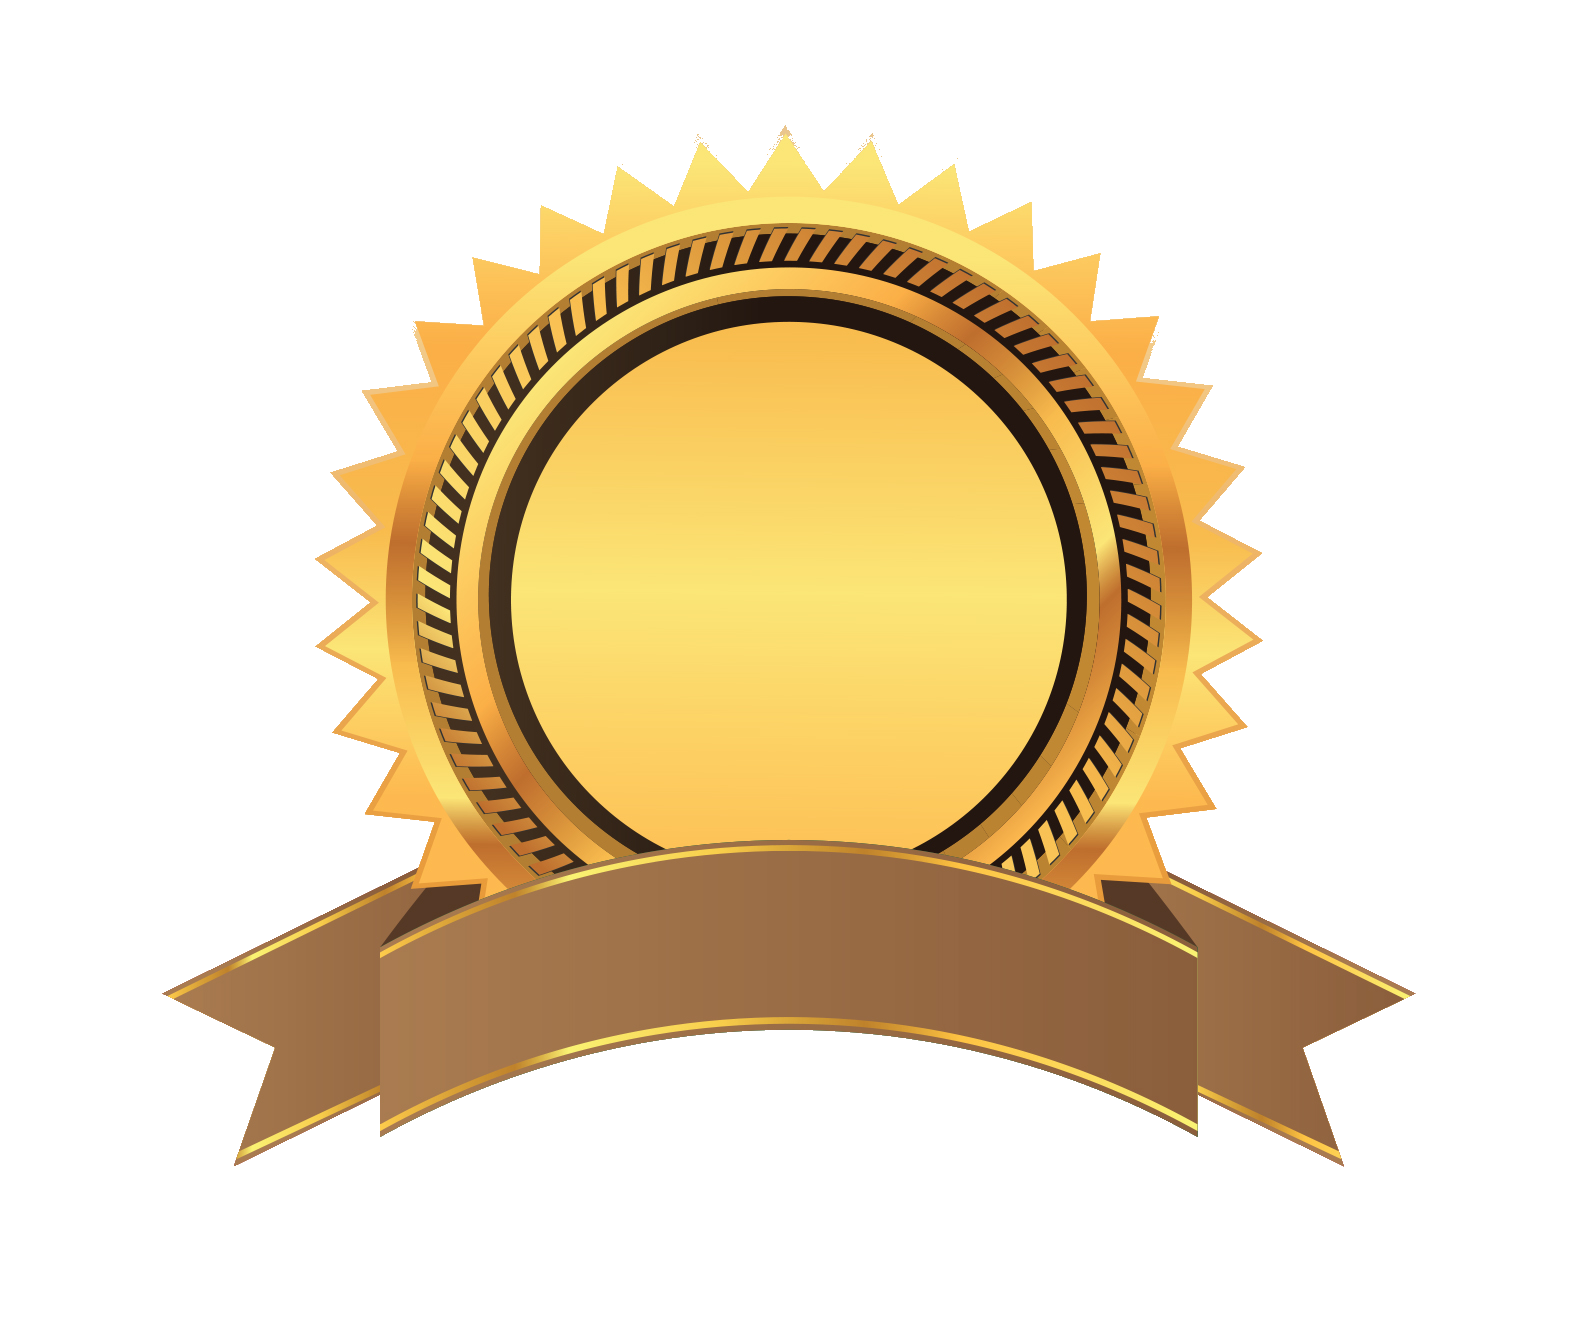 PNG Certificates Award Transparent Certificates Award.PNG Images.